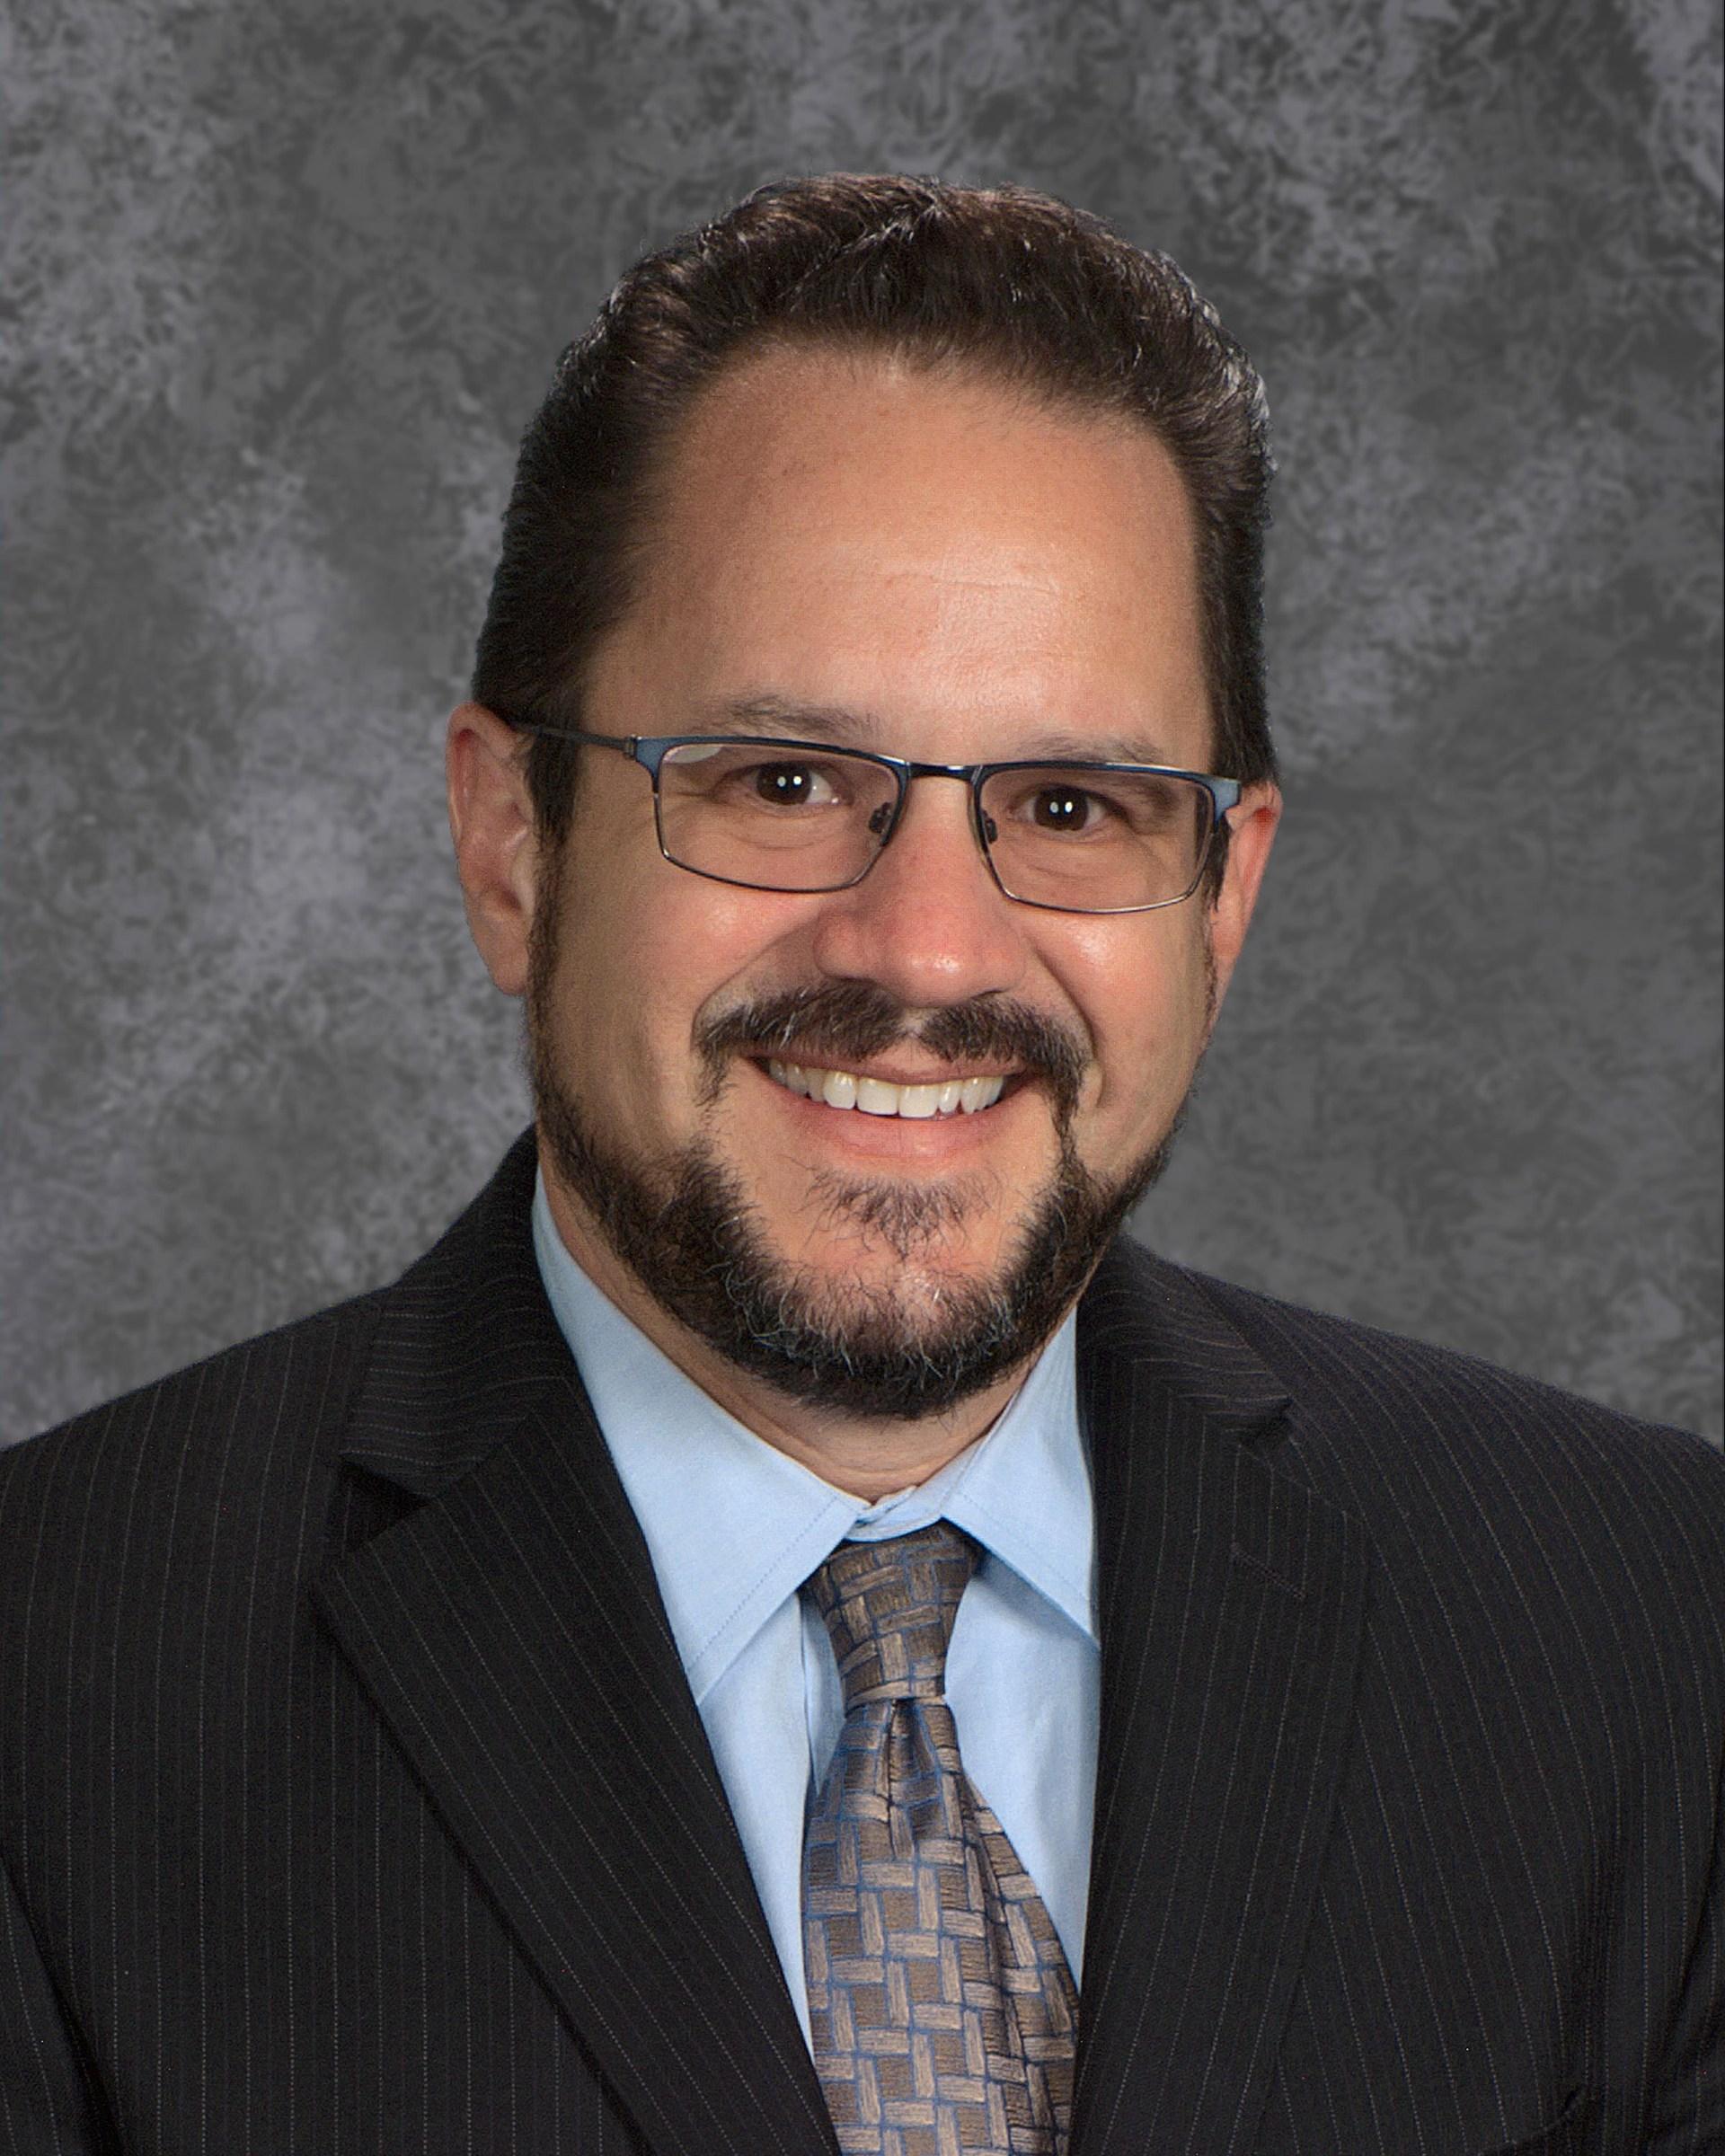 Principal Jaime Mancilla